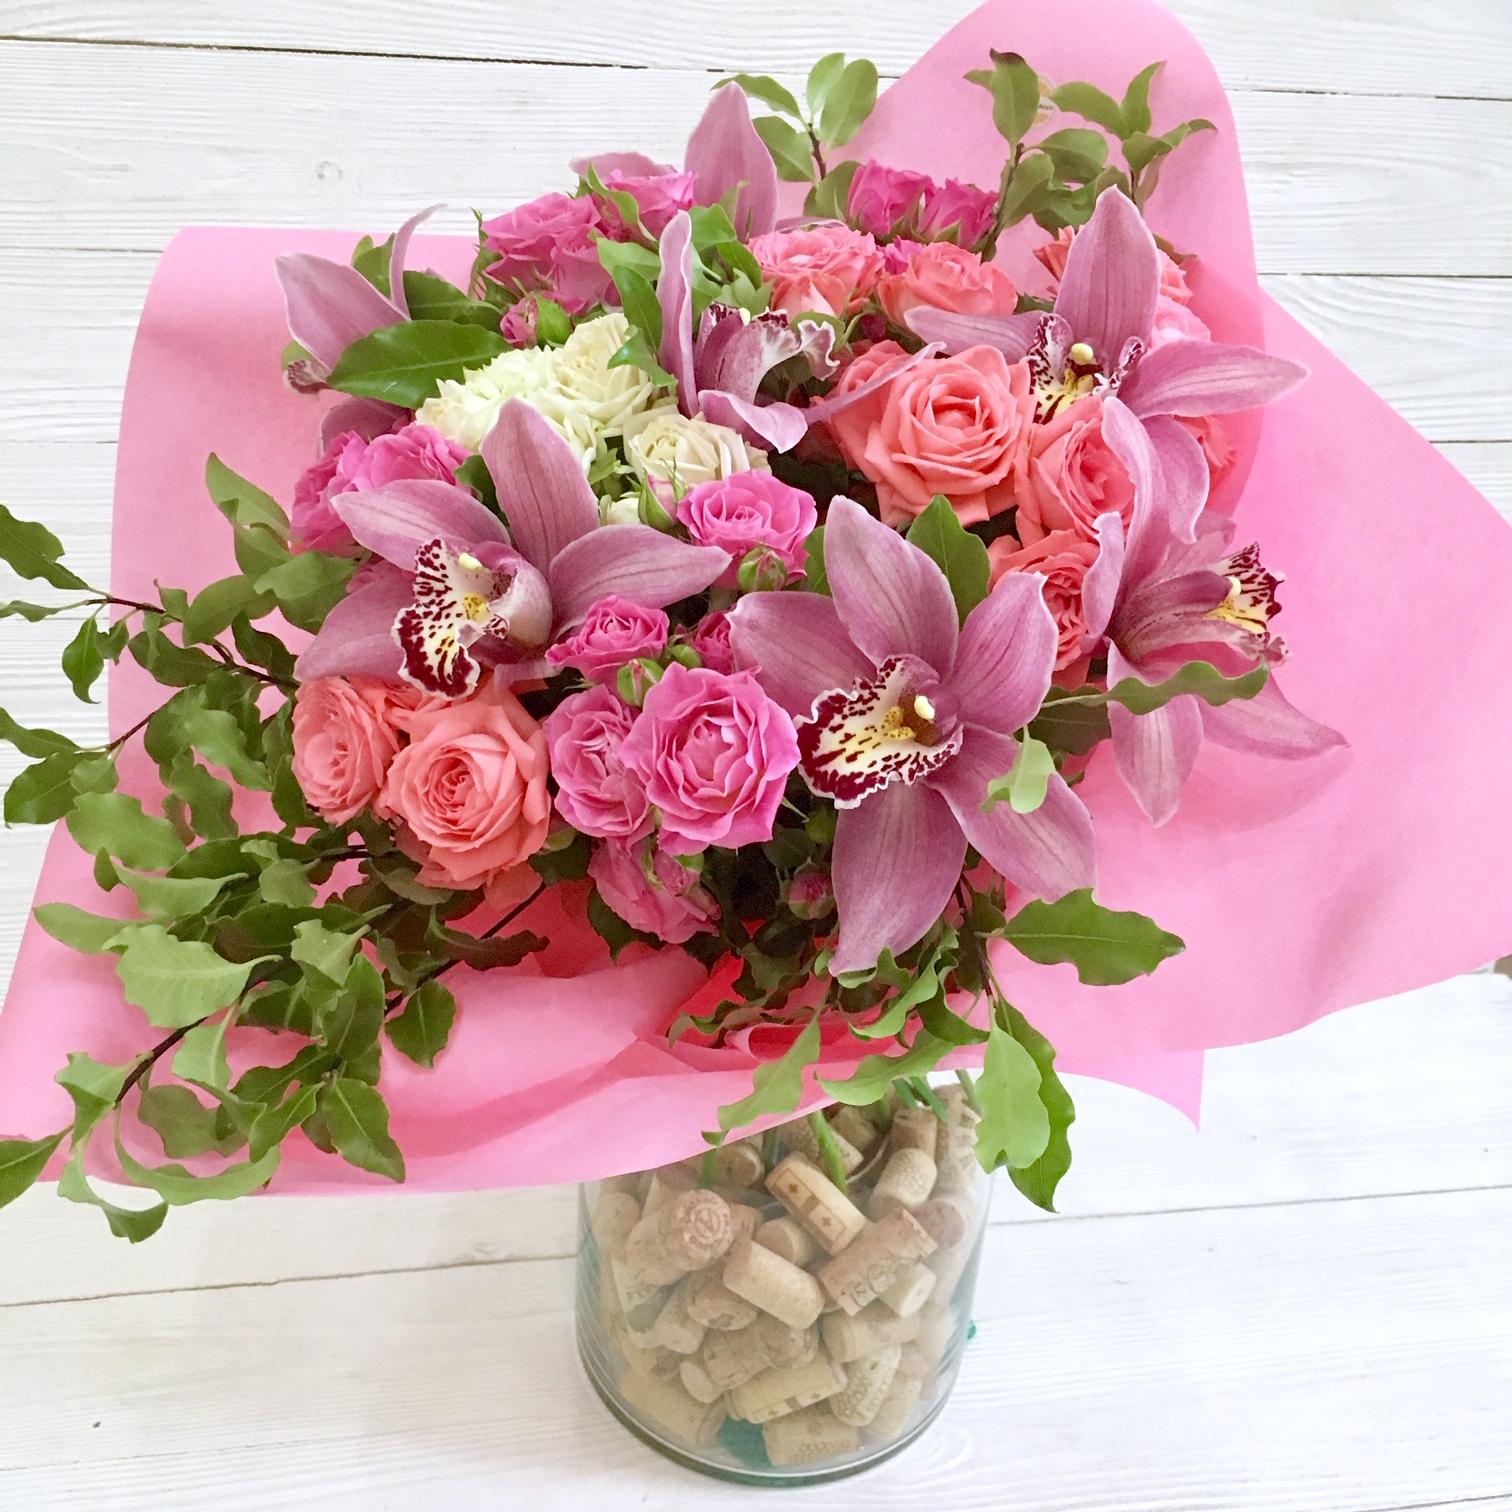 широкий орхидеи и красные розы букет фото снимке держит